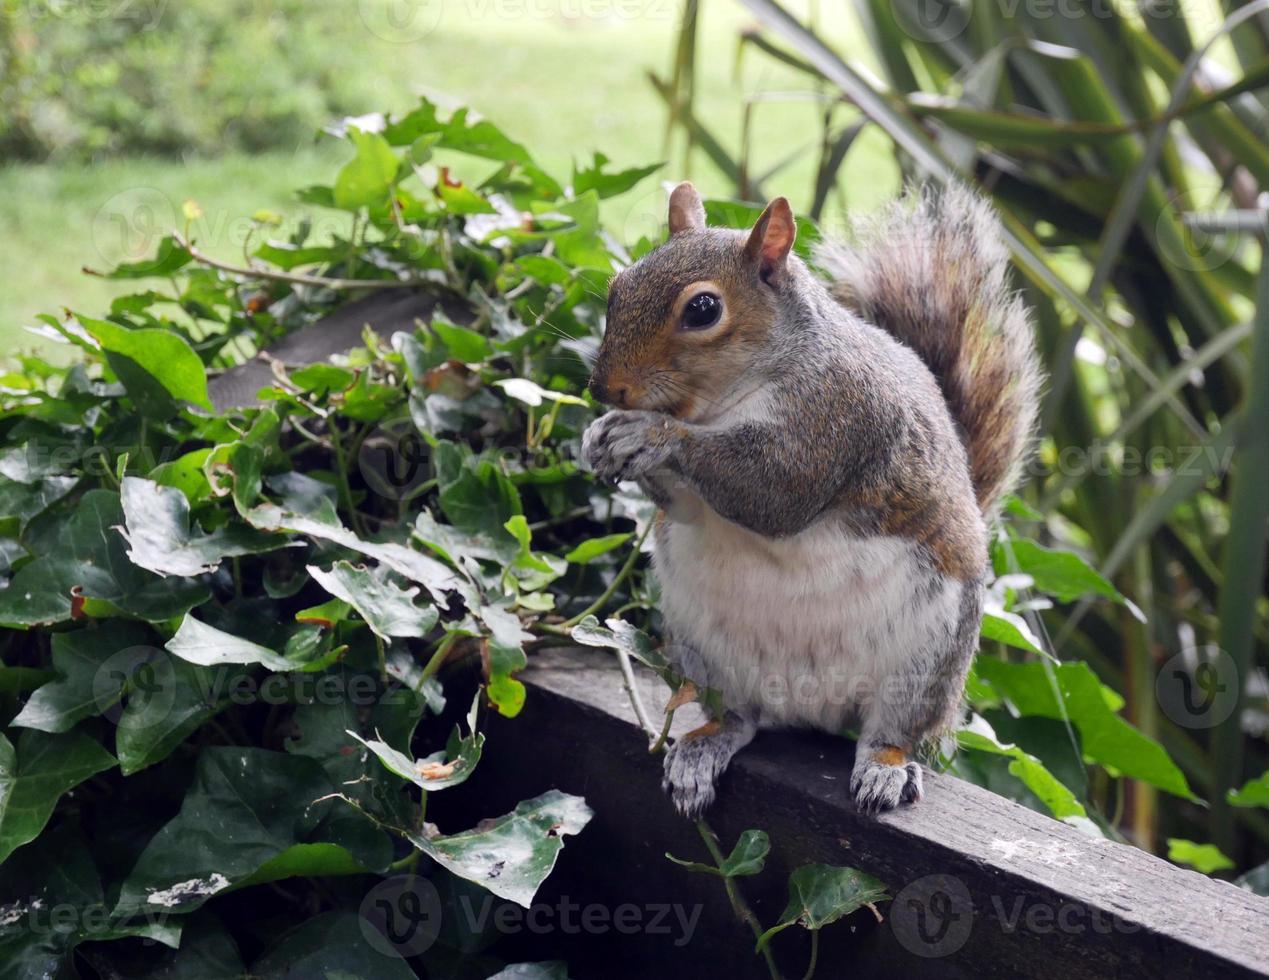 domar ardilla comiendo nueces, cambridgeshire uk foto